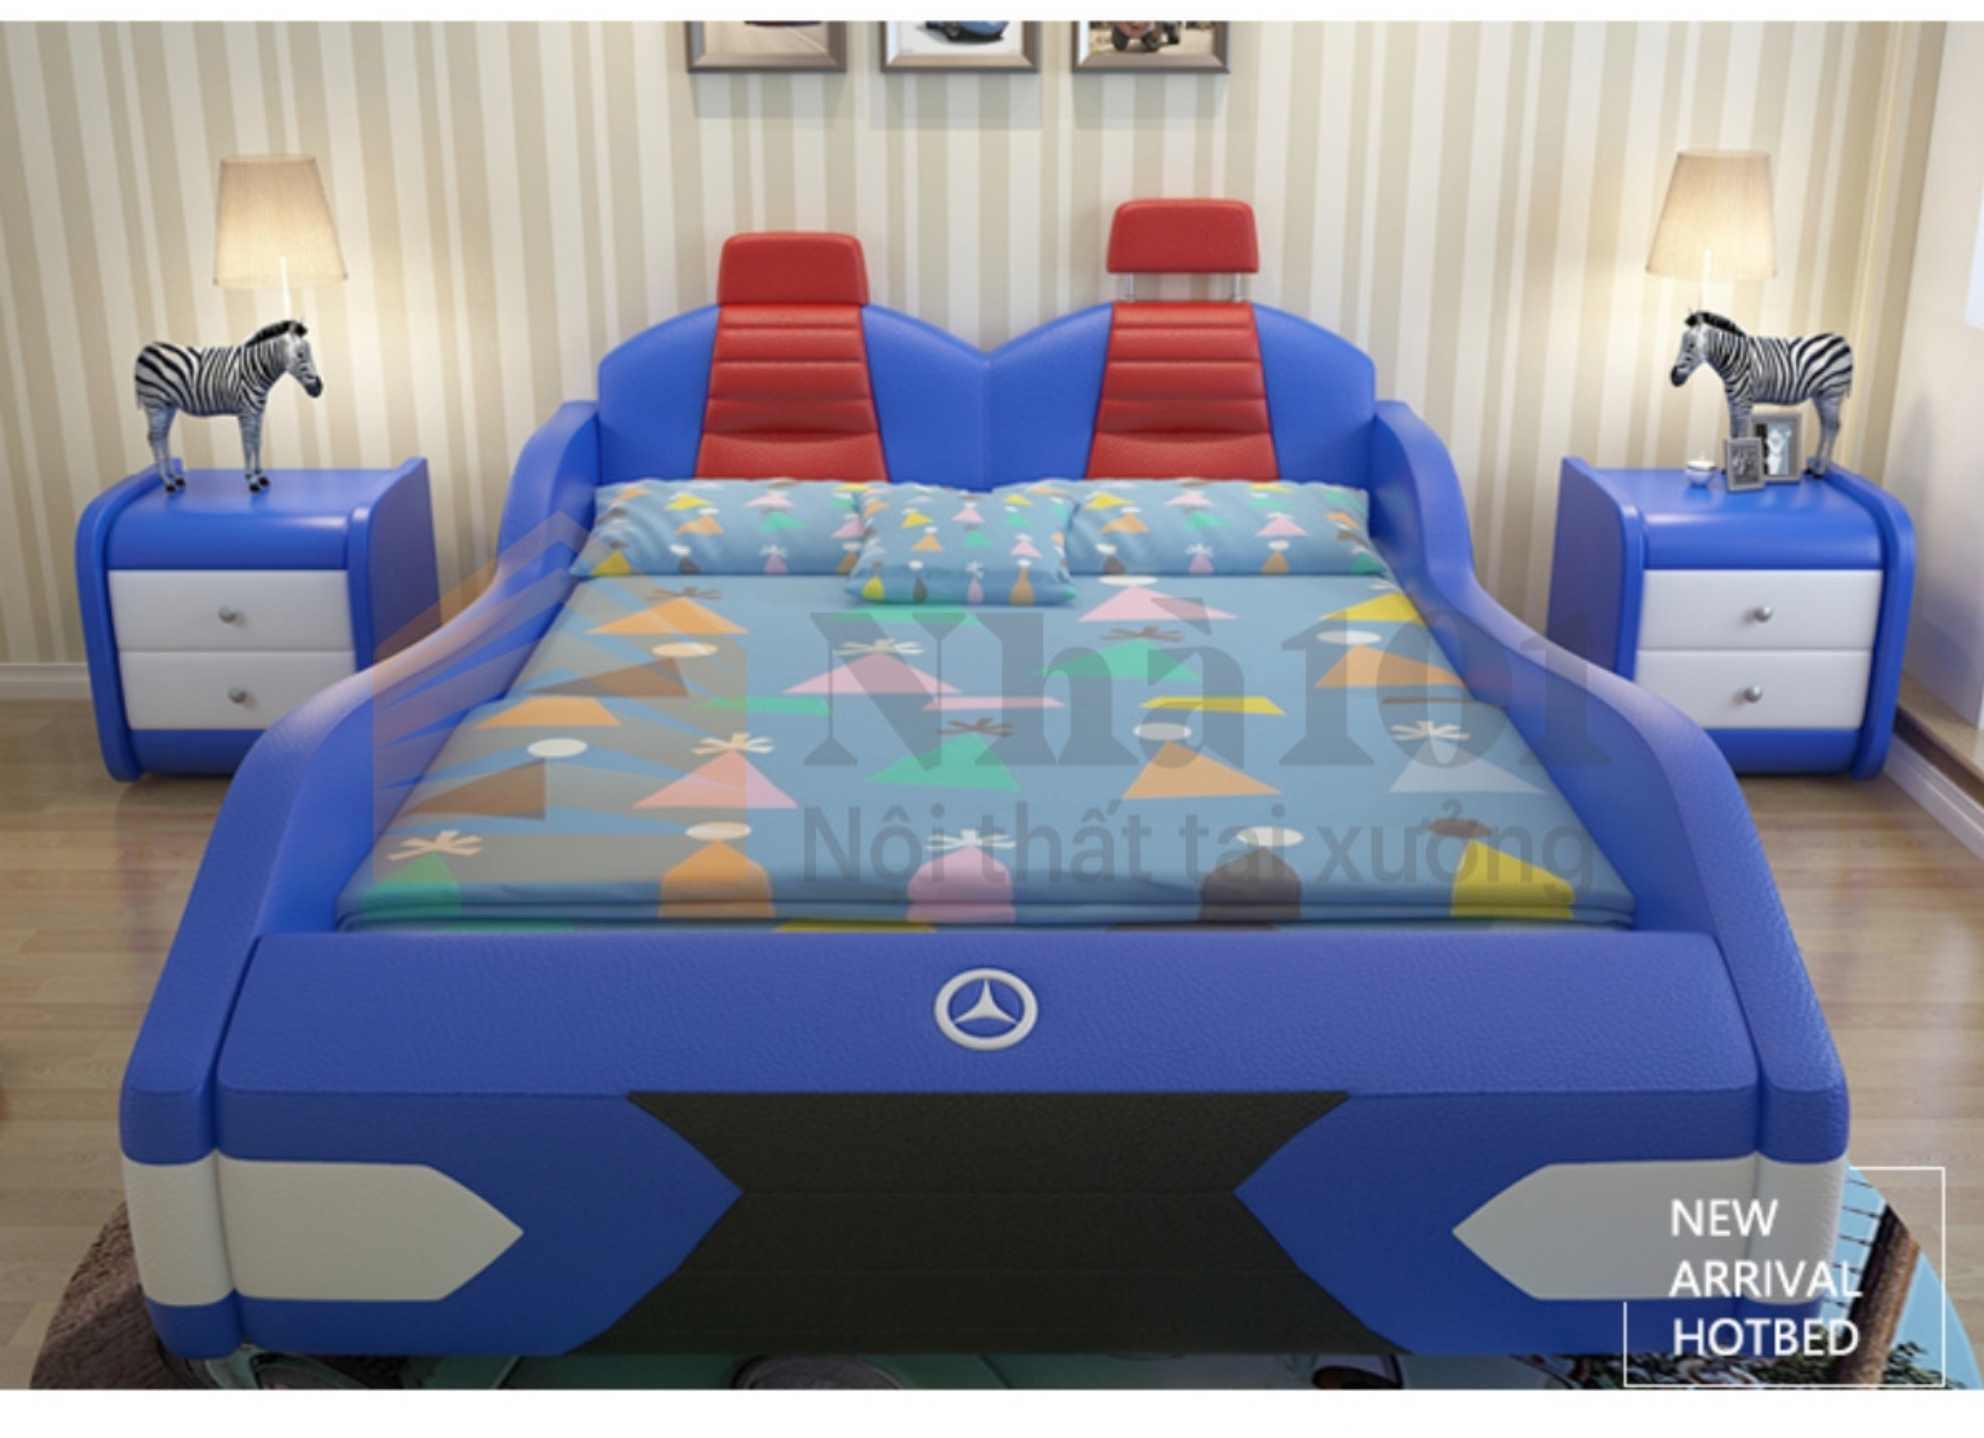 Giường Trẻ Em Mecerdes, giường trẻ em, giường mecerdes 3